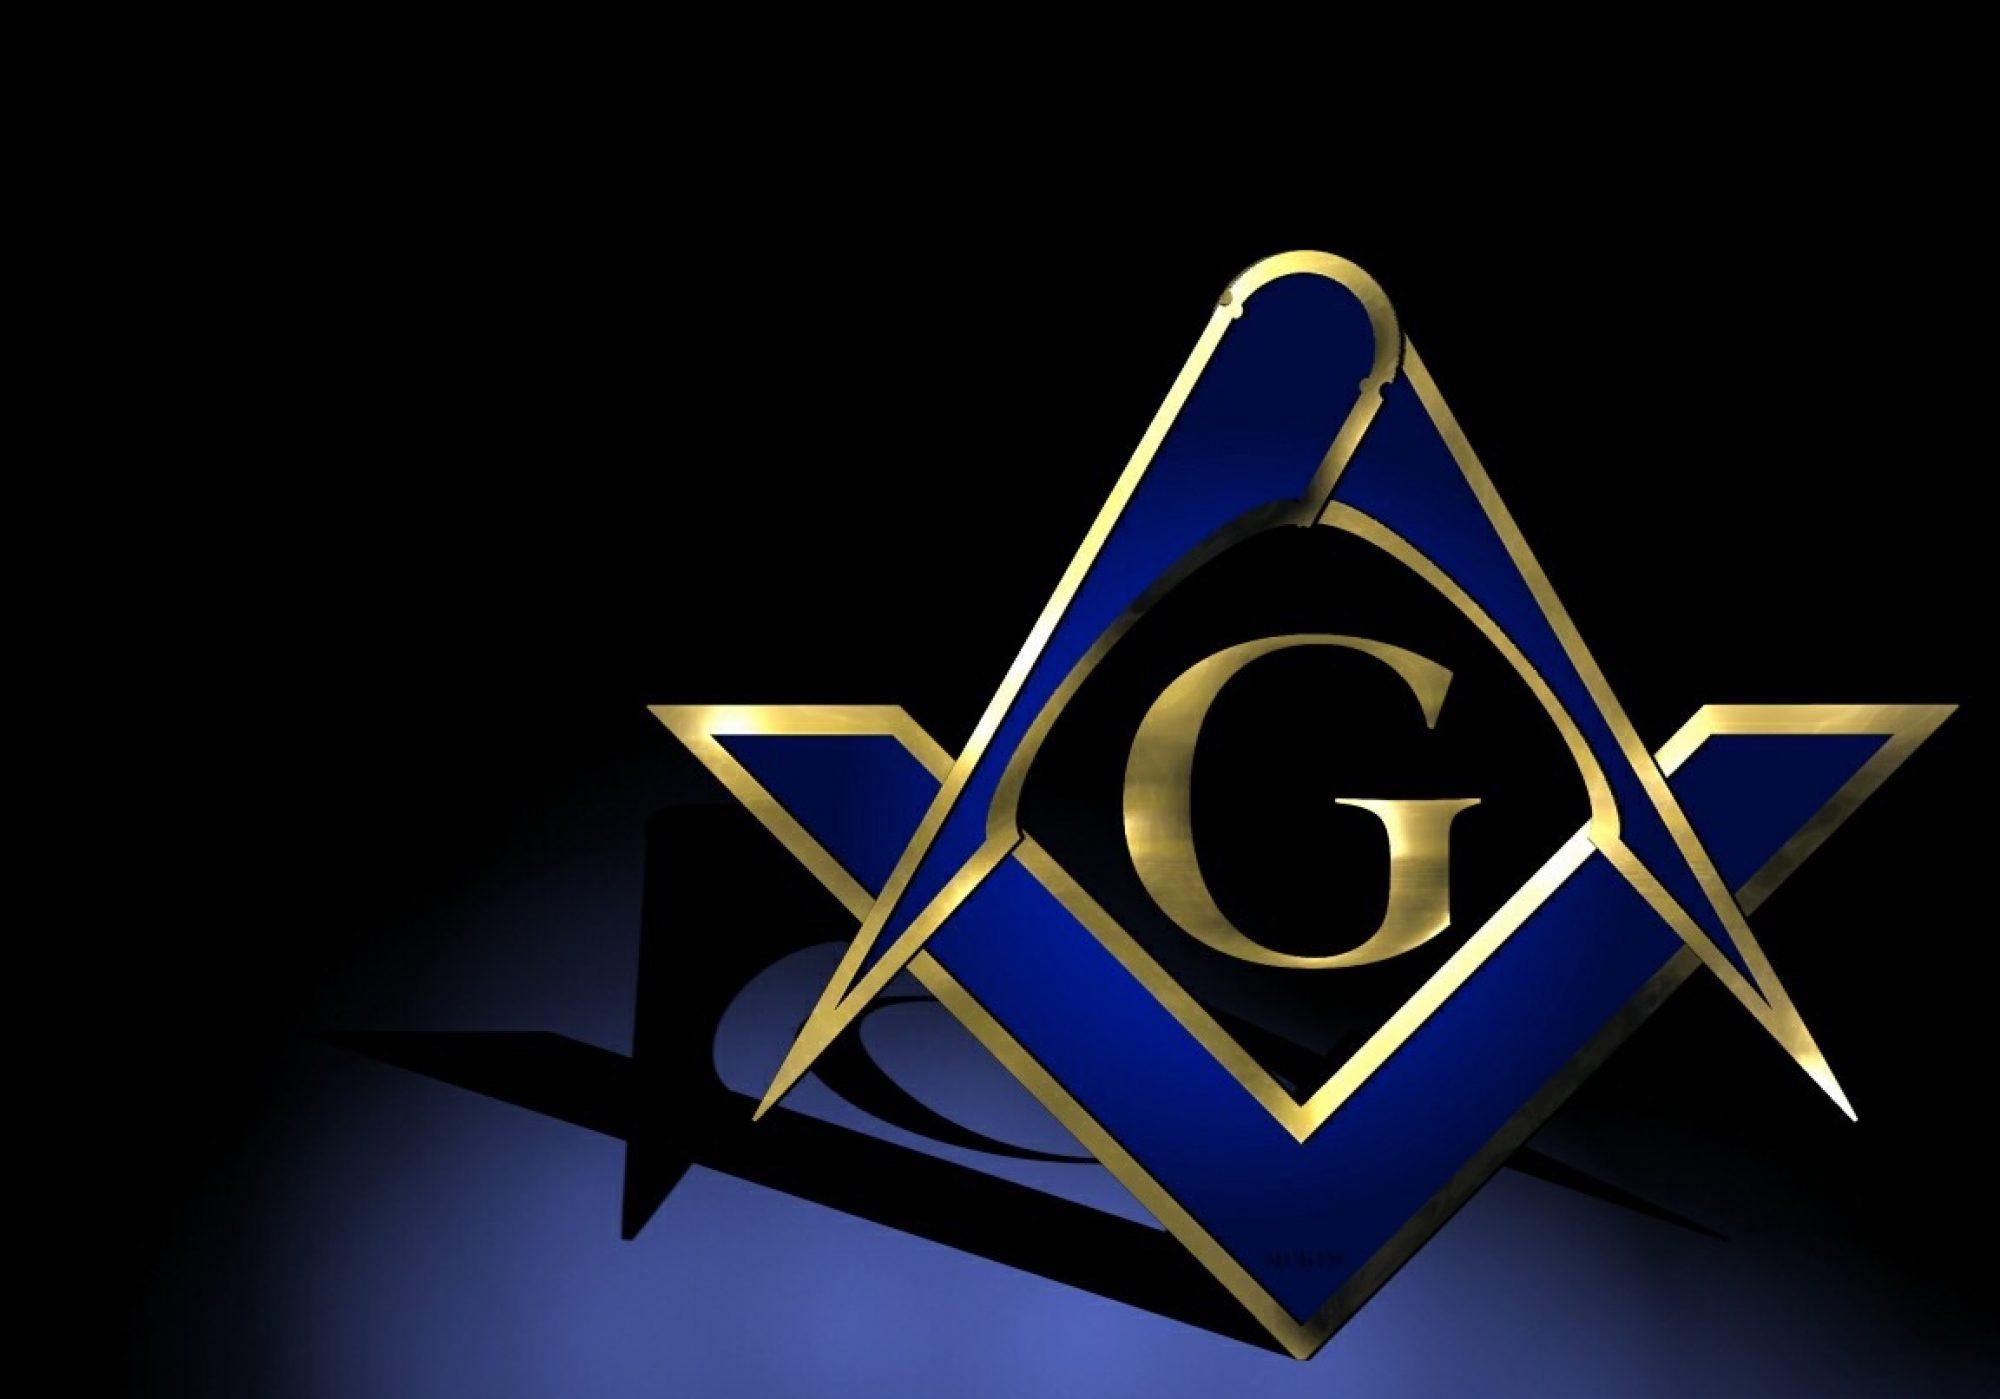 Mt. Gilead Masonic lodge #206